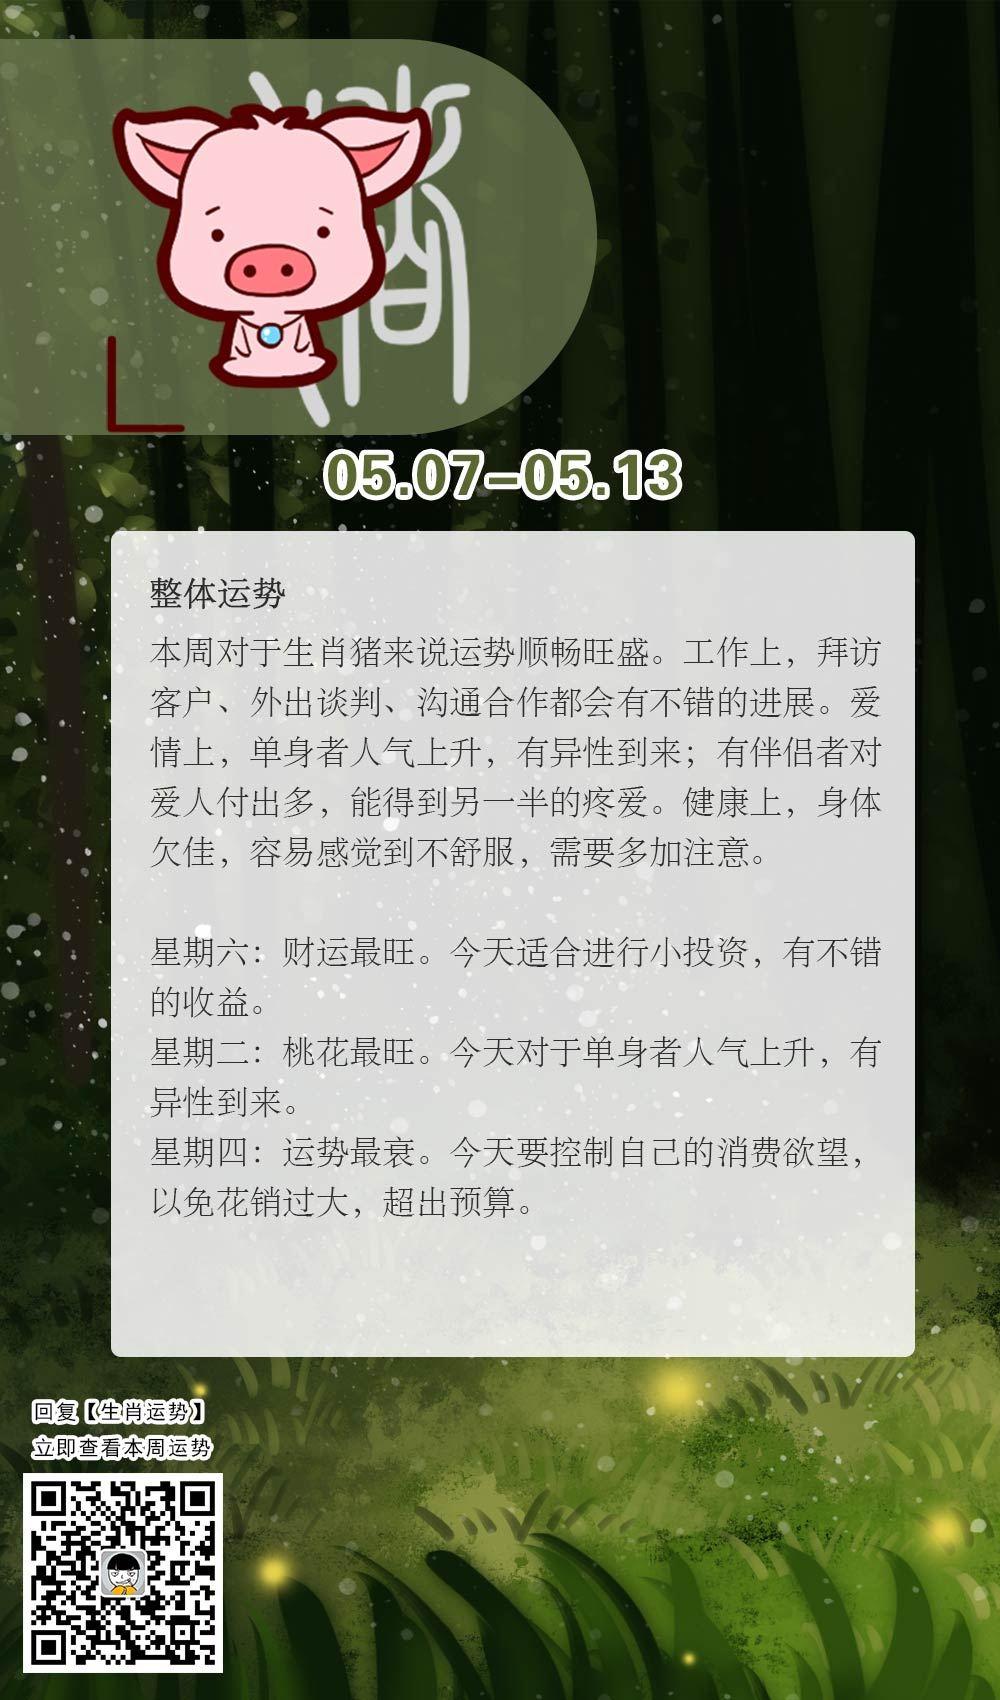 生肖猪本周运势【2018.05.07-05.13】